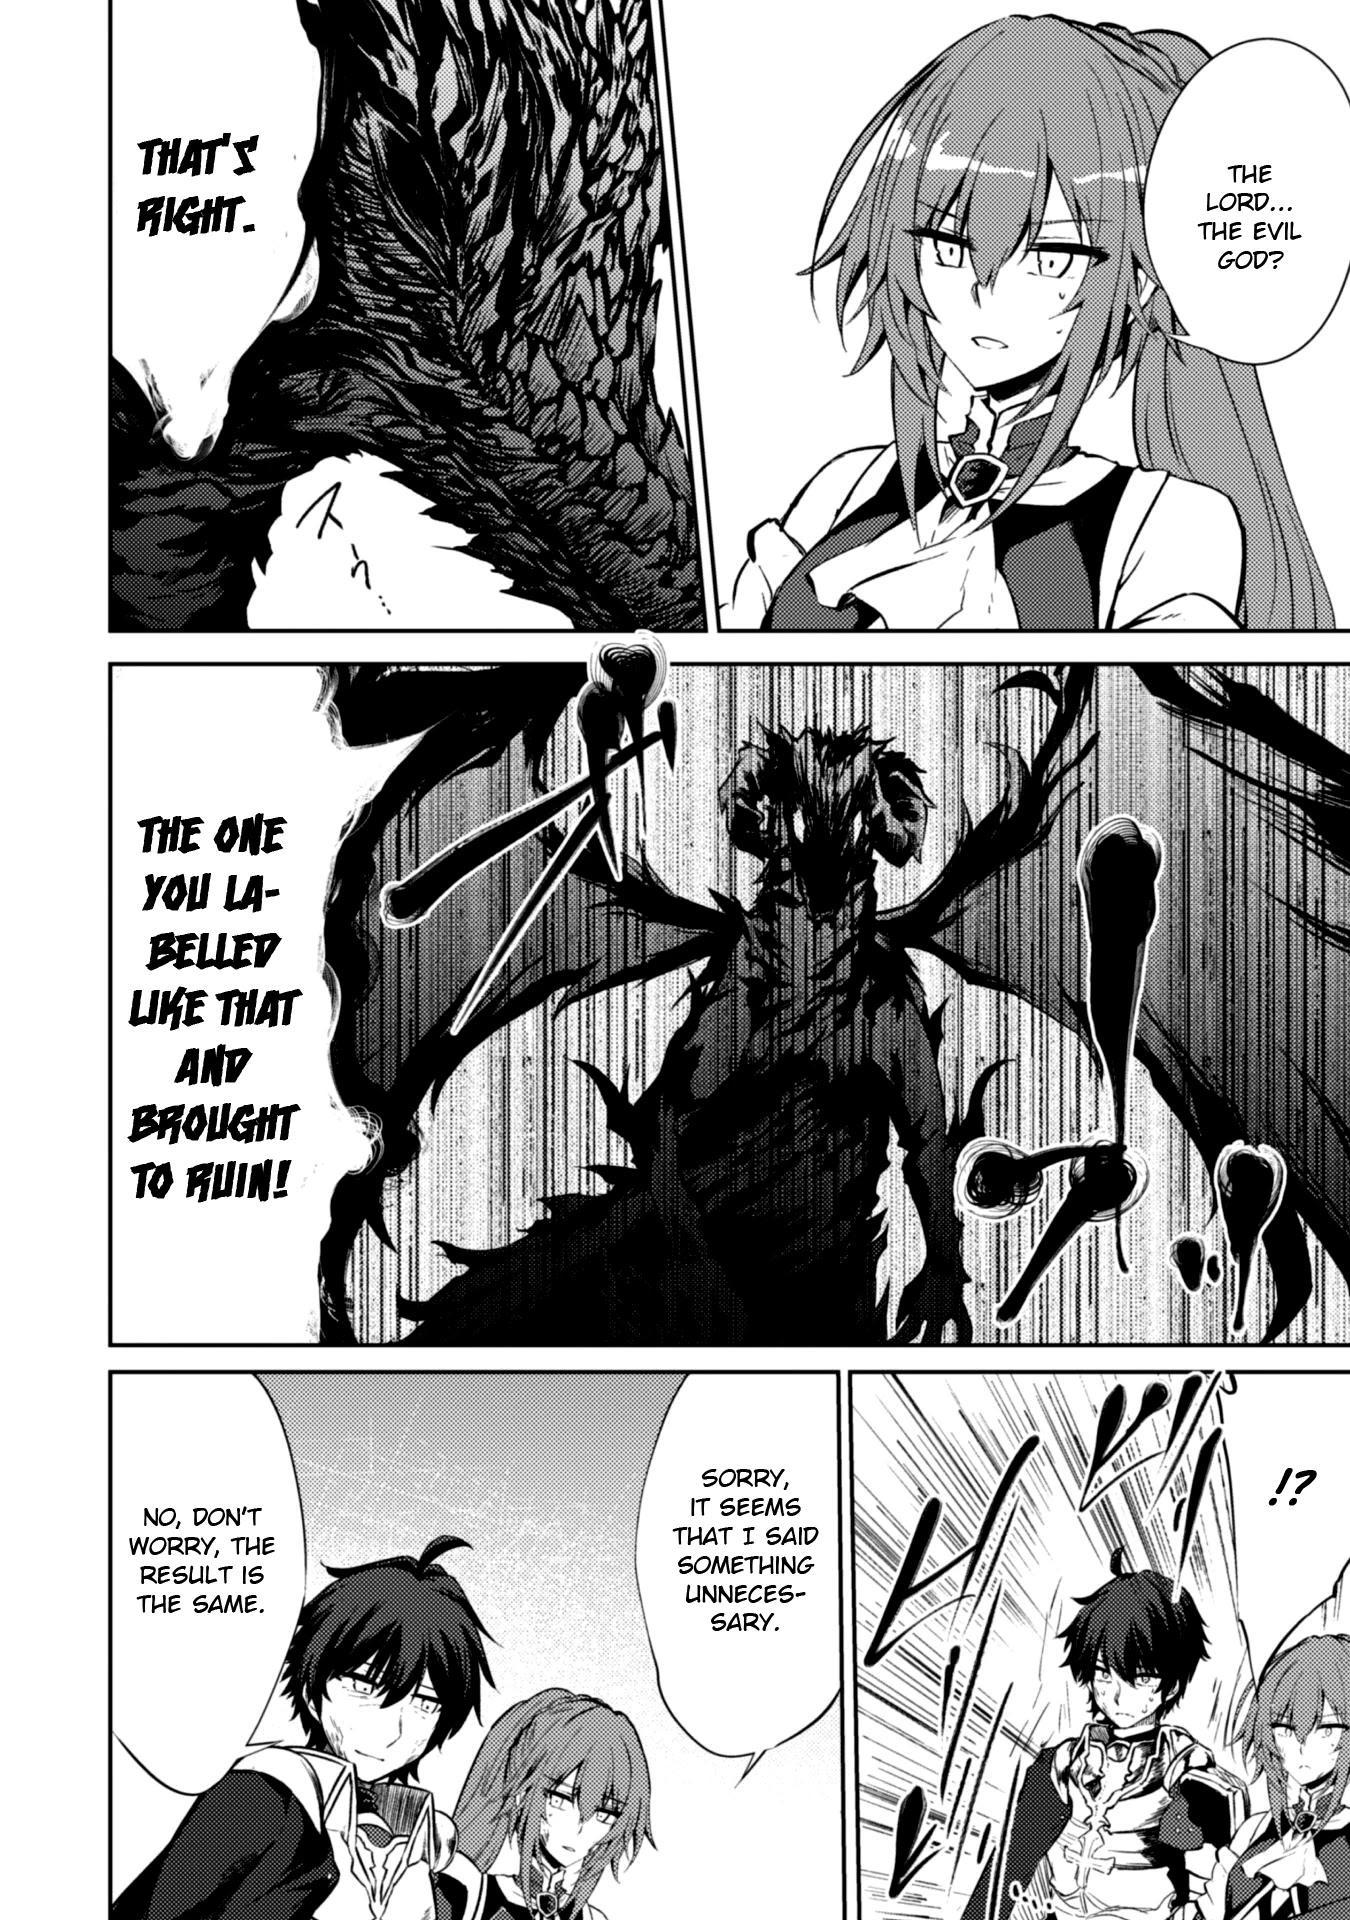 Moto Saikyou No Kenshi Wa, Isekai Mahou Ni Akogareru Chapter 23 page 14 - Mangakakalots.com